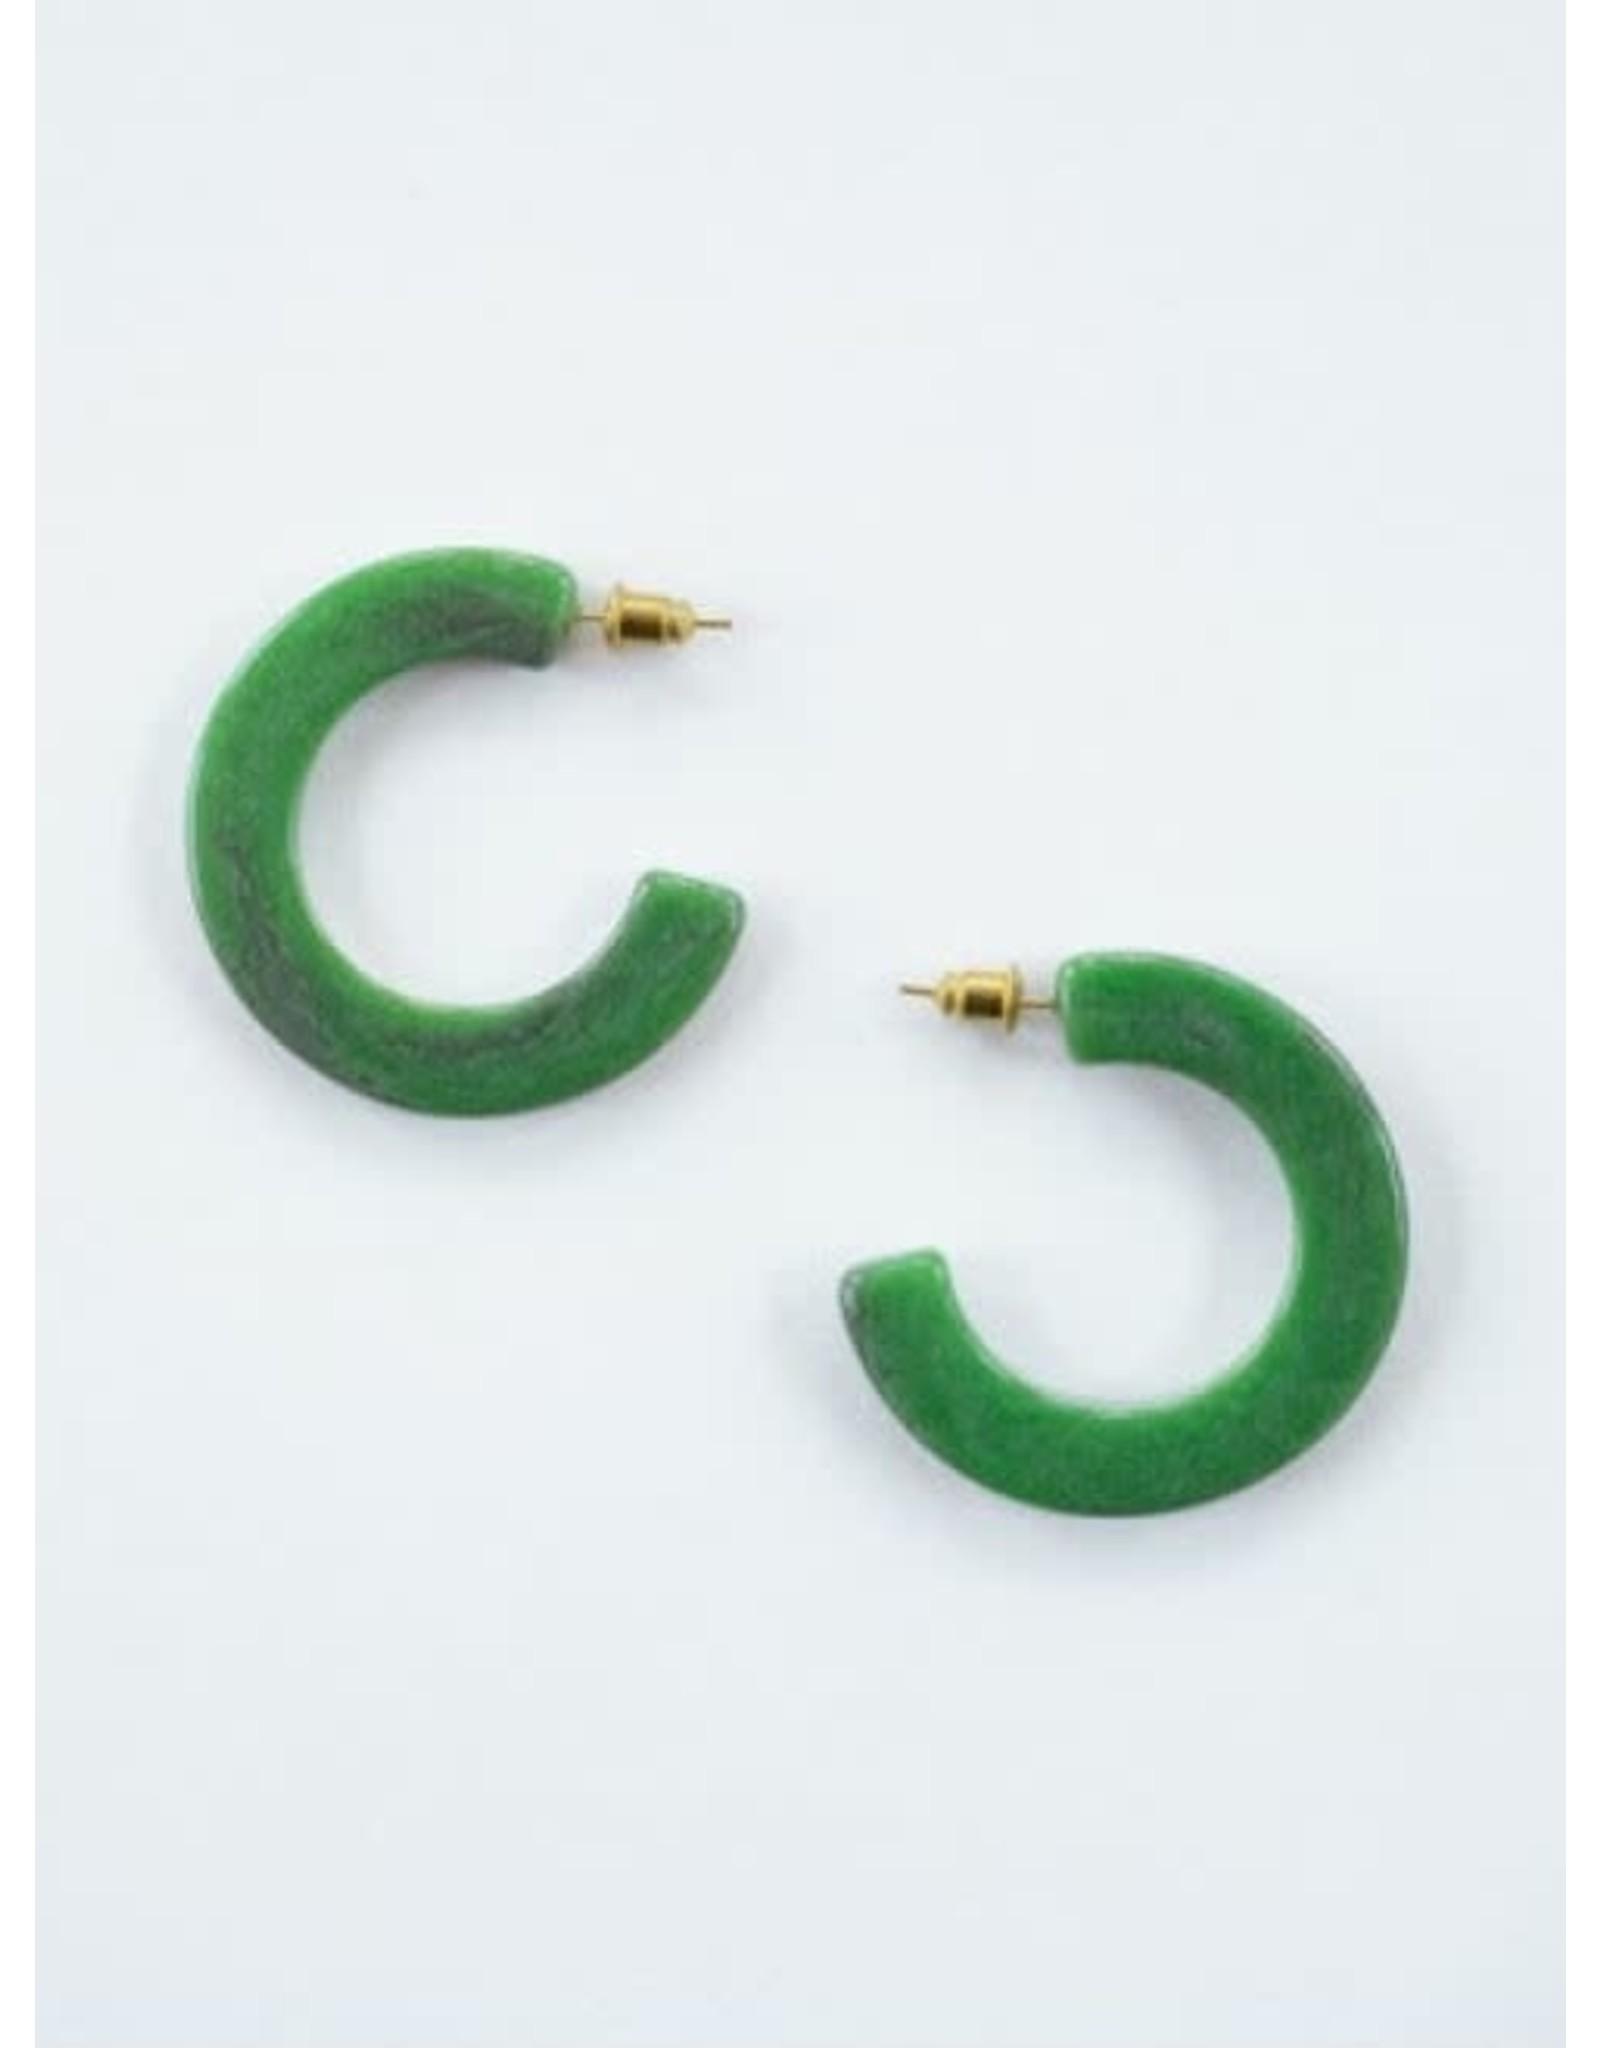 Jade Green Resin Hoop Earrings, India